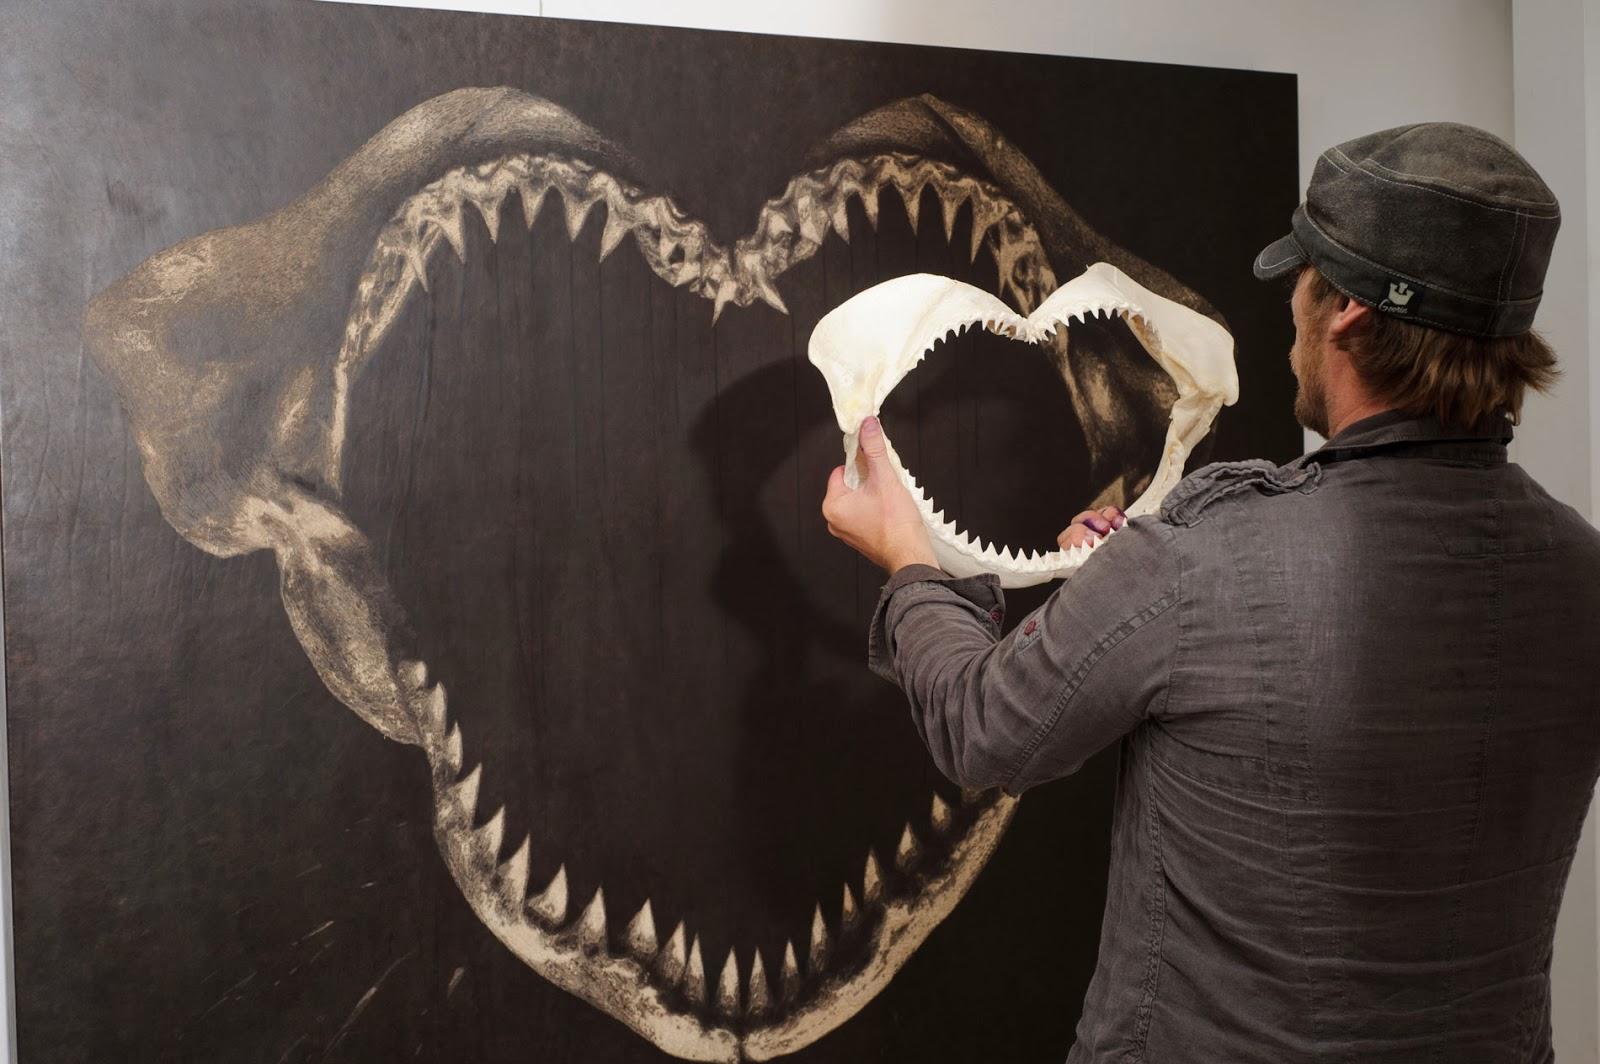 06-Artist-Mark-Evans-Engraved-Leather-Artwork-www-designstack-co